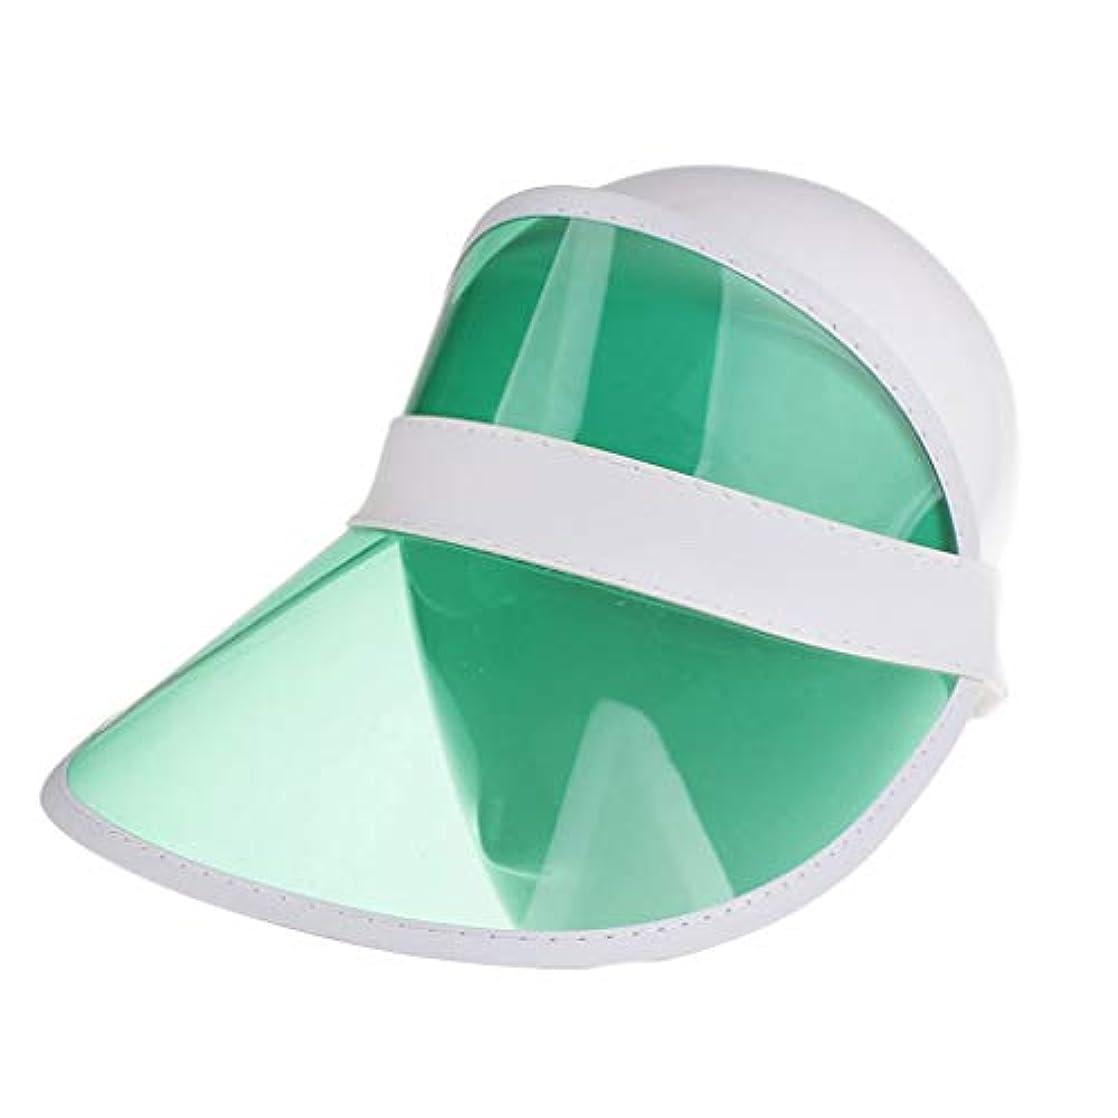 ワイド幻滅意気揚々レディースクリアハット帽子レインバイザー UVカットユニセックスアウトドア野球帽帽子